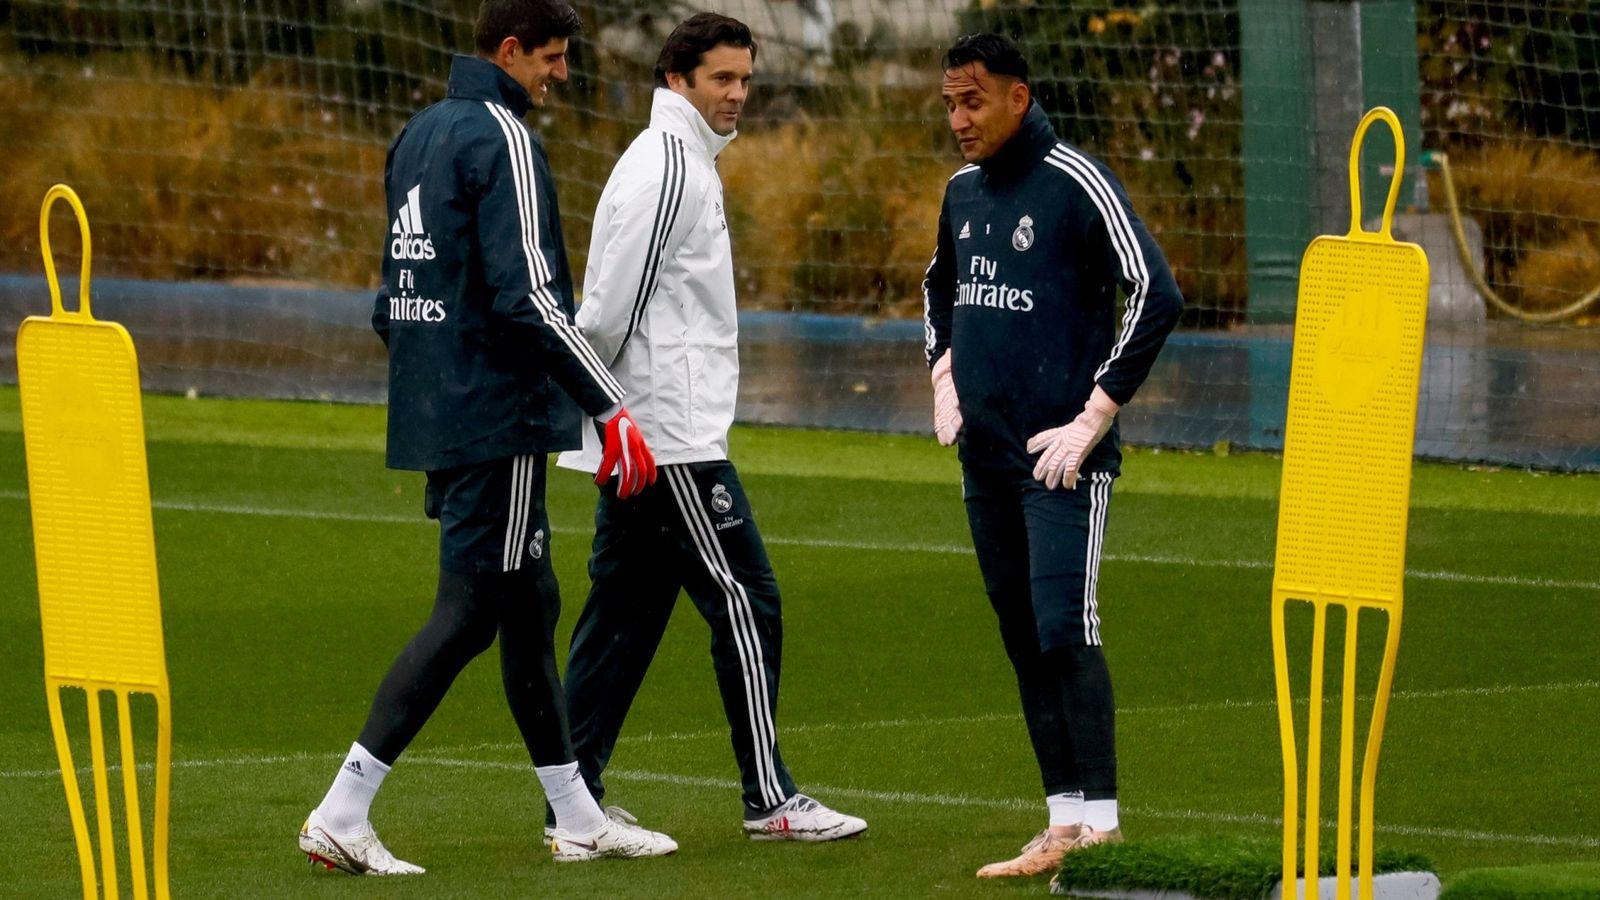 Foto: Solari junto a Courtois y Keylor Navas en un entrenamiento. (Efe)